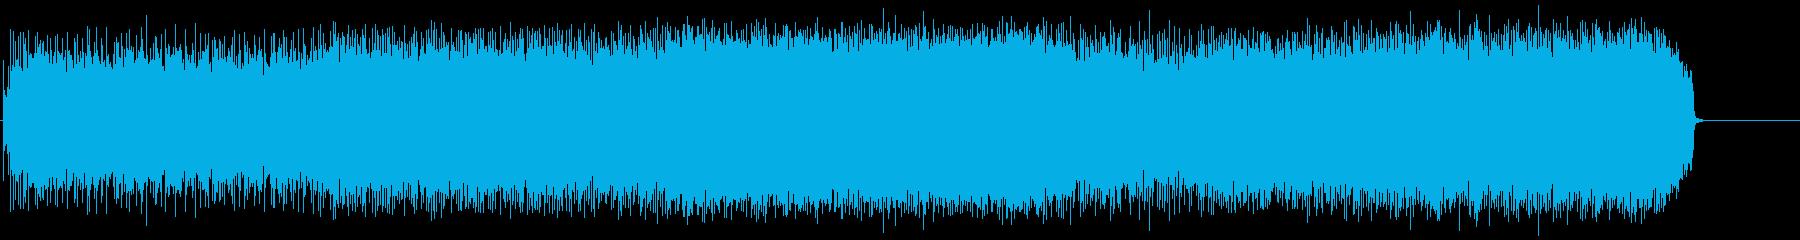 パワフルで攻撃的なマイナーヘヴィロックの再生済みの波形